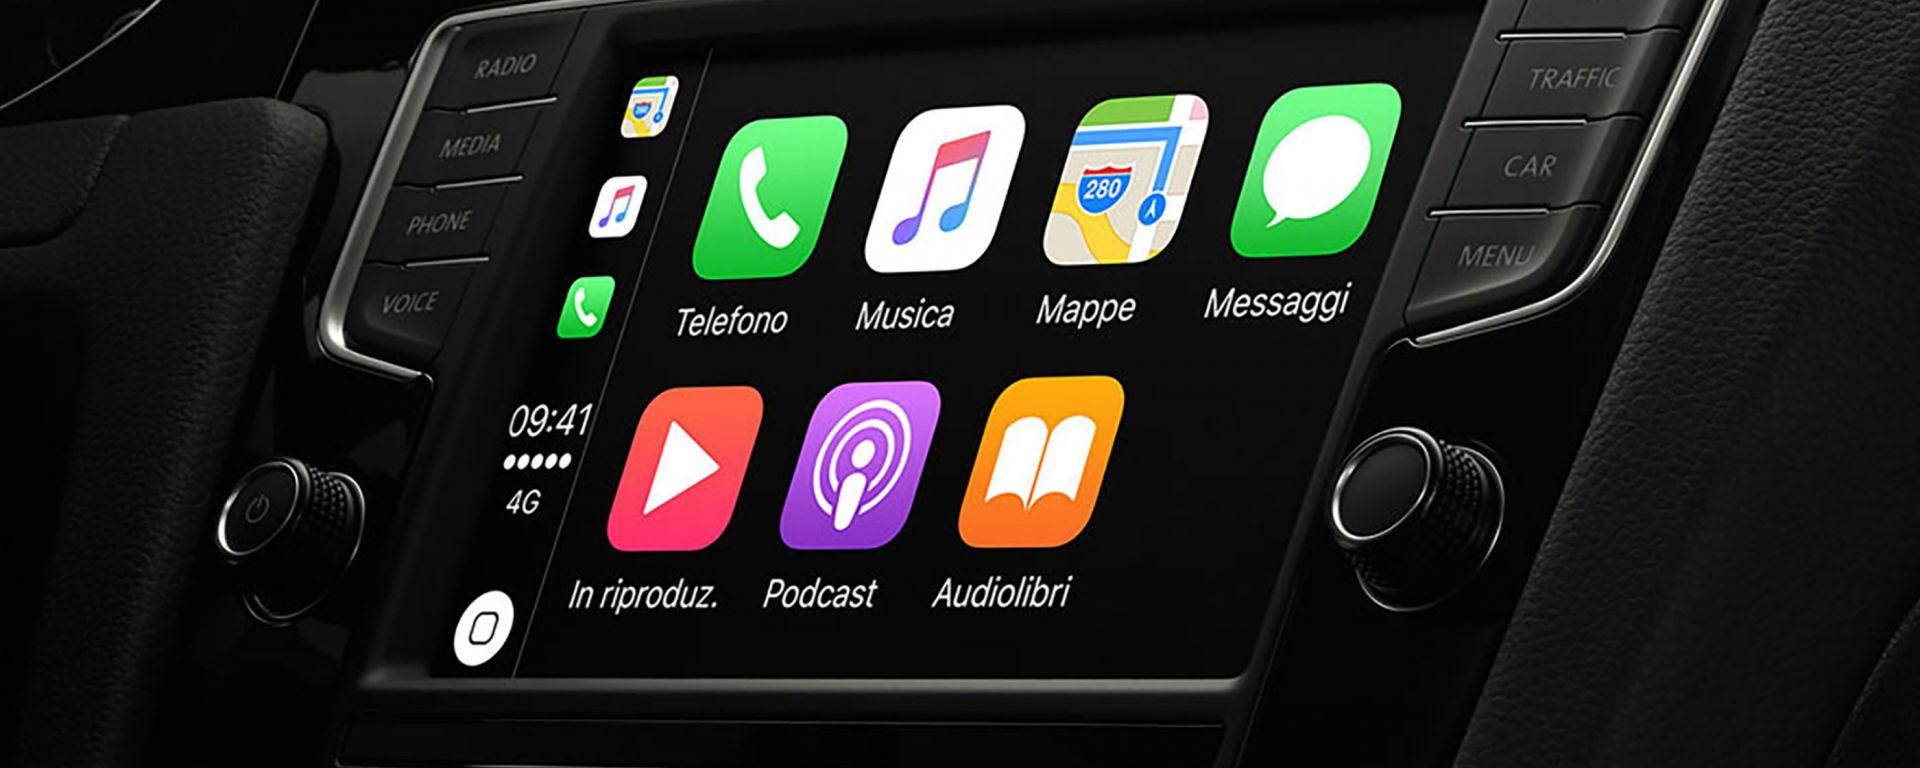 Apple CarPlay: come funziona l'infotainment di Apple